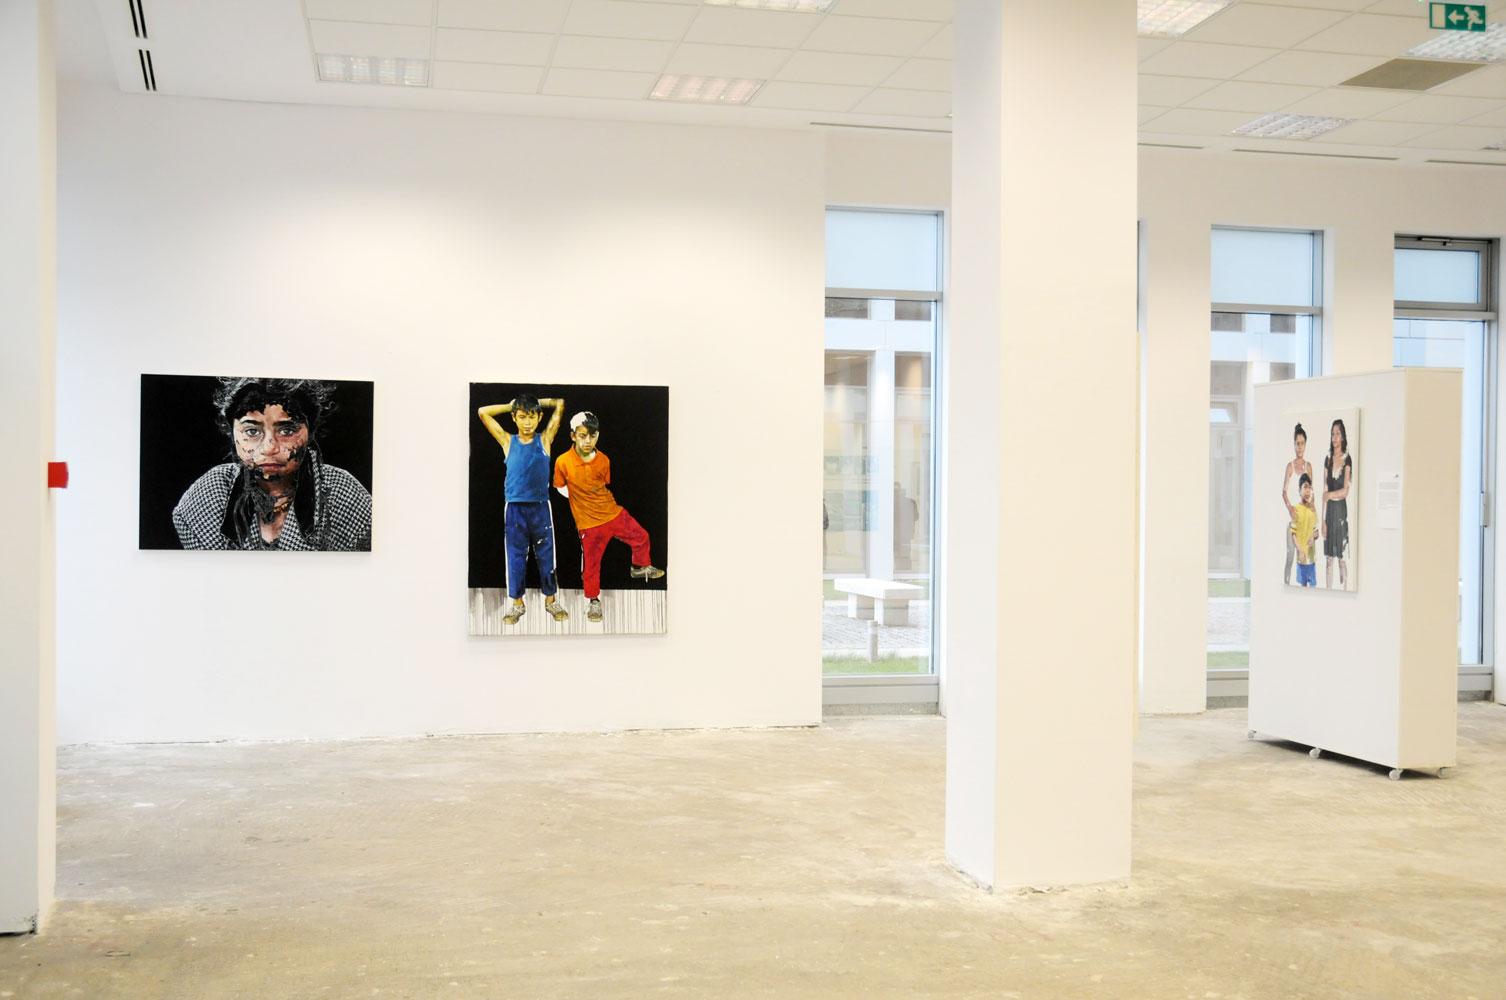 Daniel Brici, solo show Copiii care nu se vad @ Nasui collection & gallery Bucuresti (12)